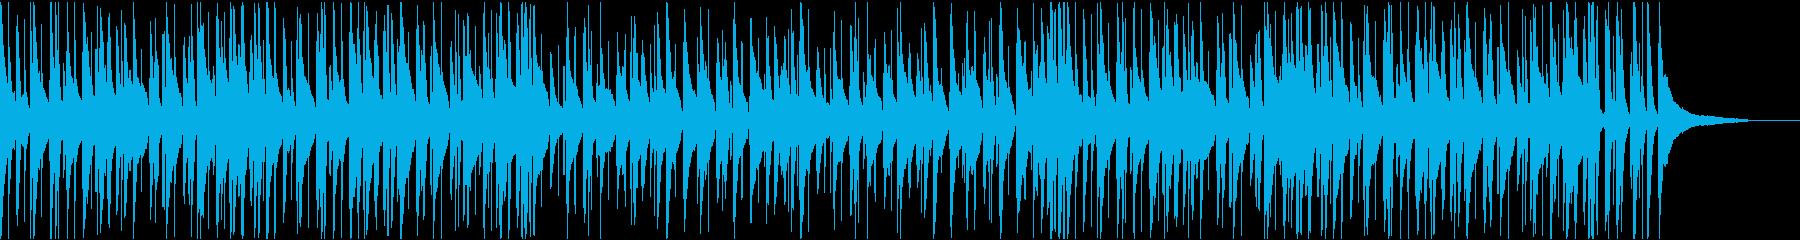 お洒落でキャッチーなジャズピアノトリオ5の再生済みの波形